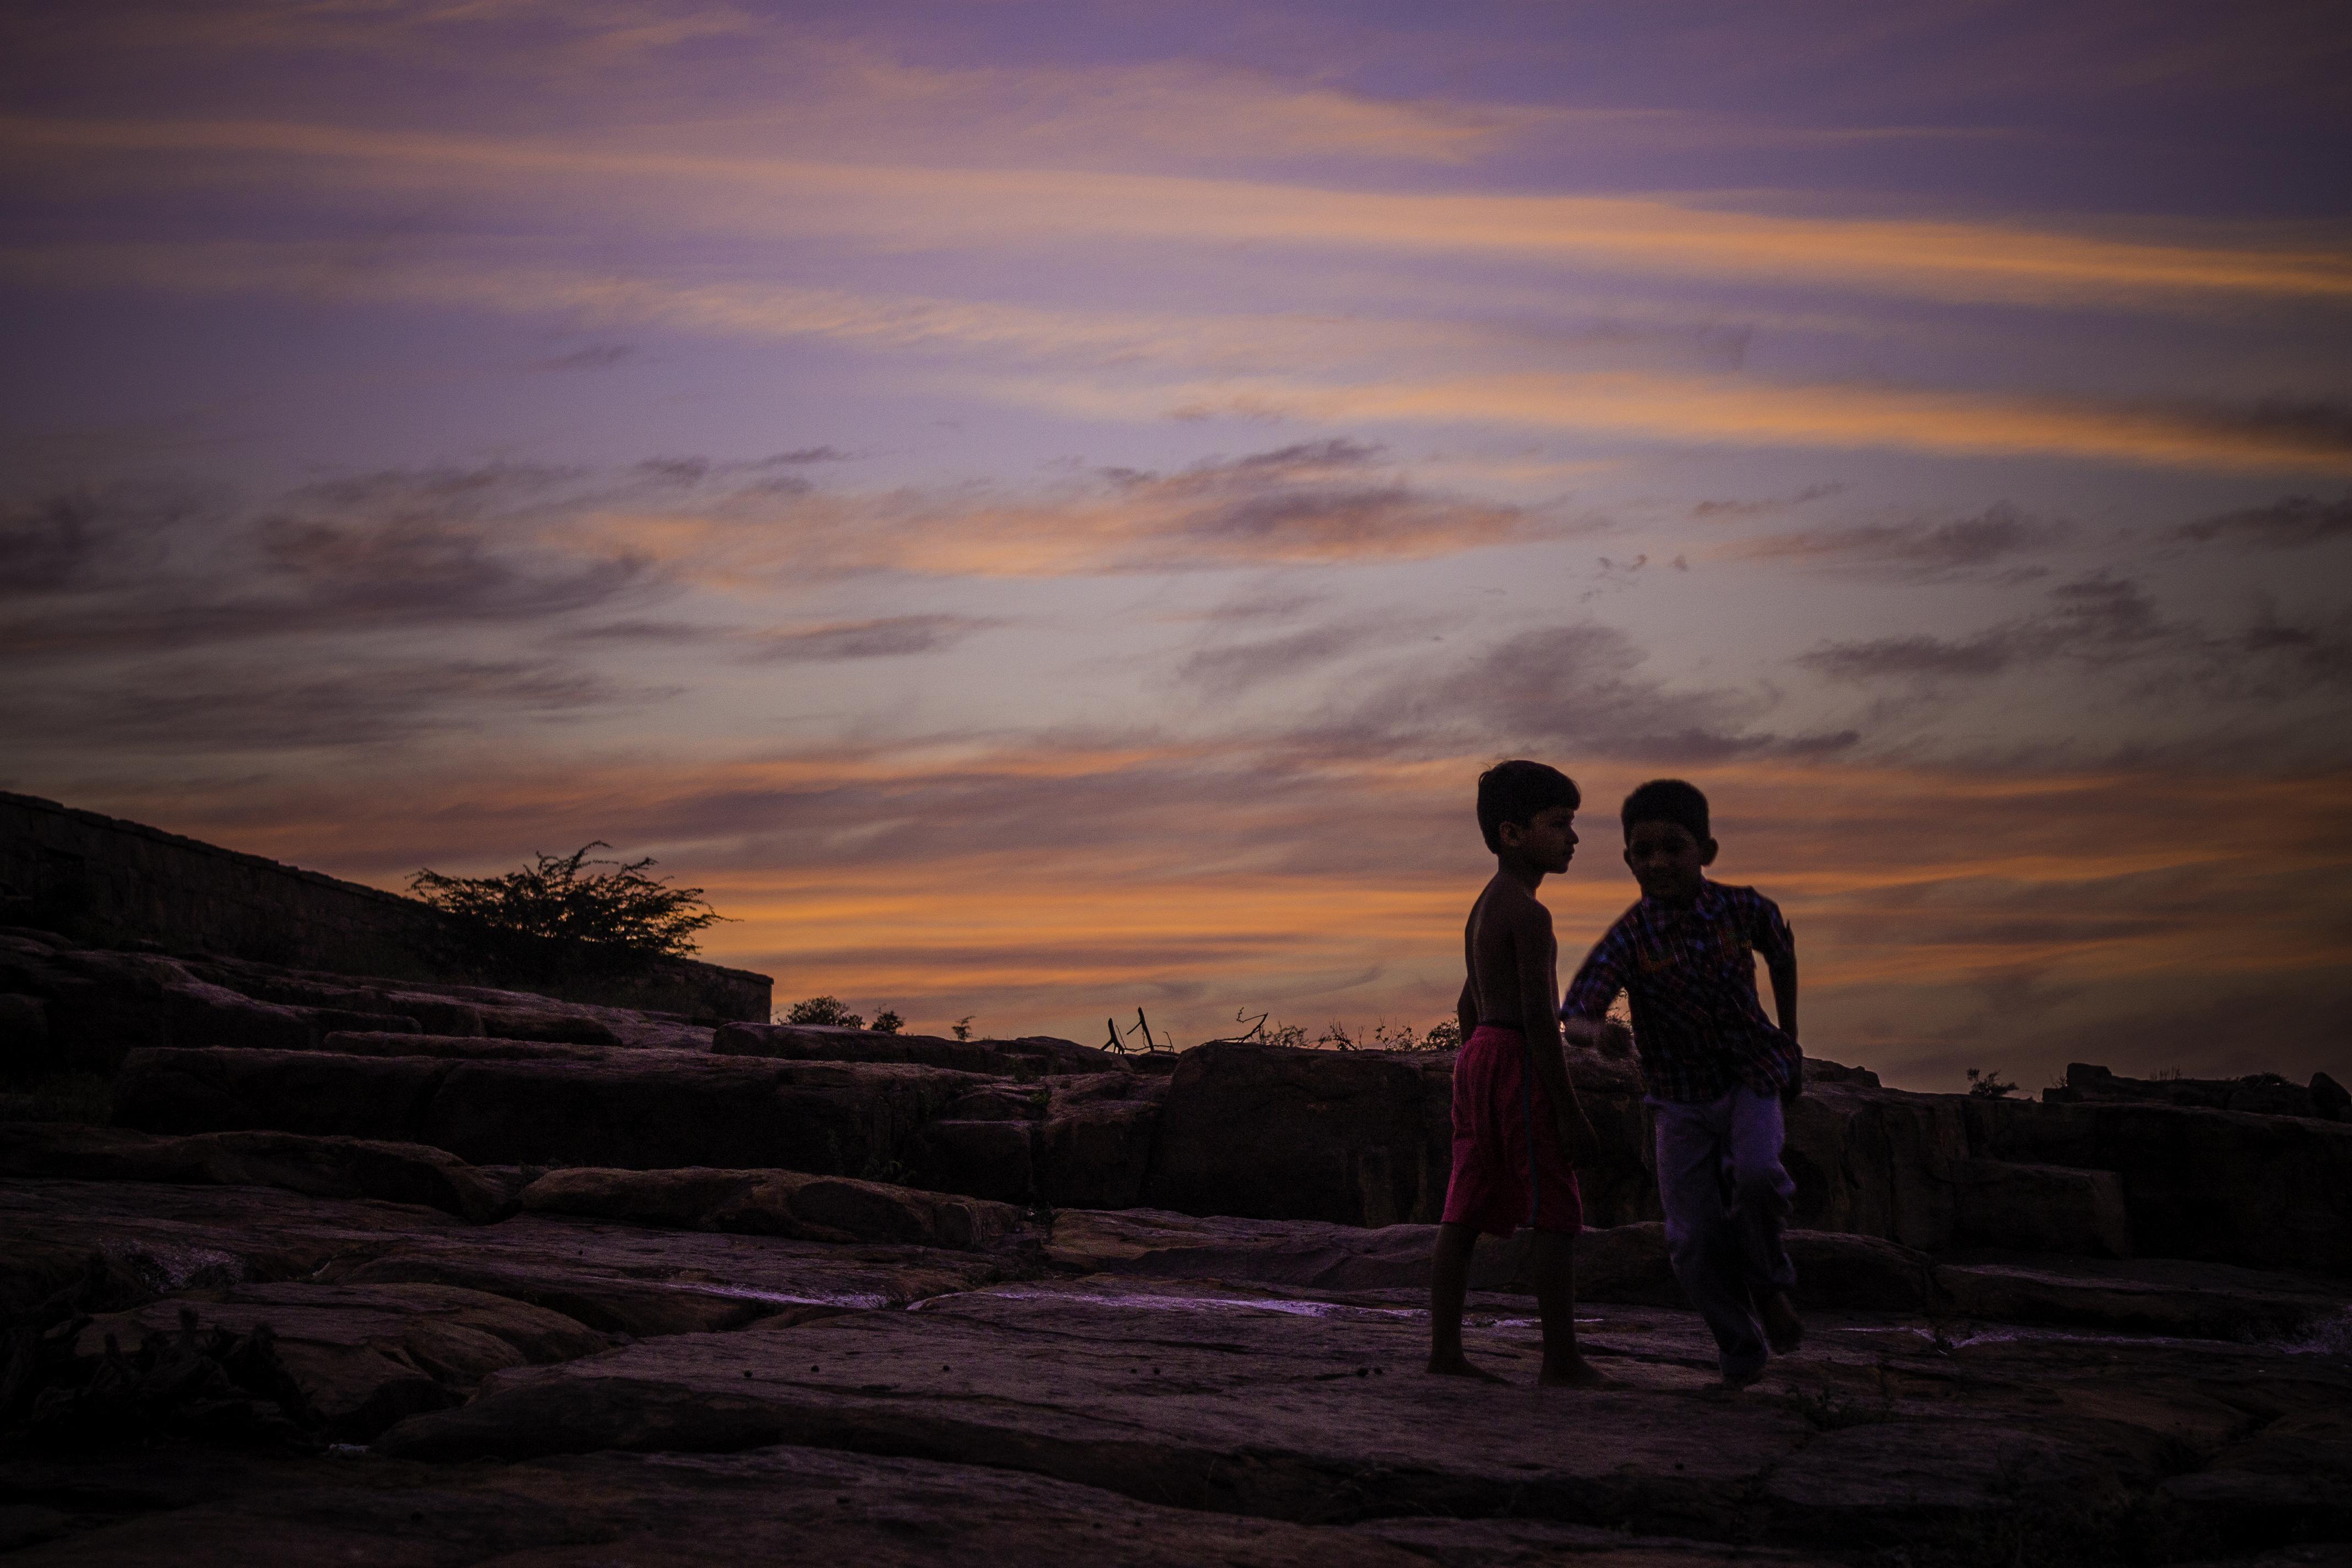 Pic: Abhishek Anil